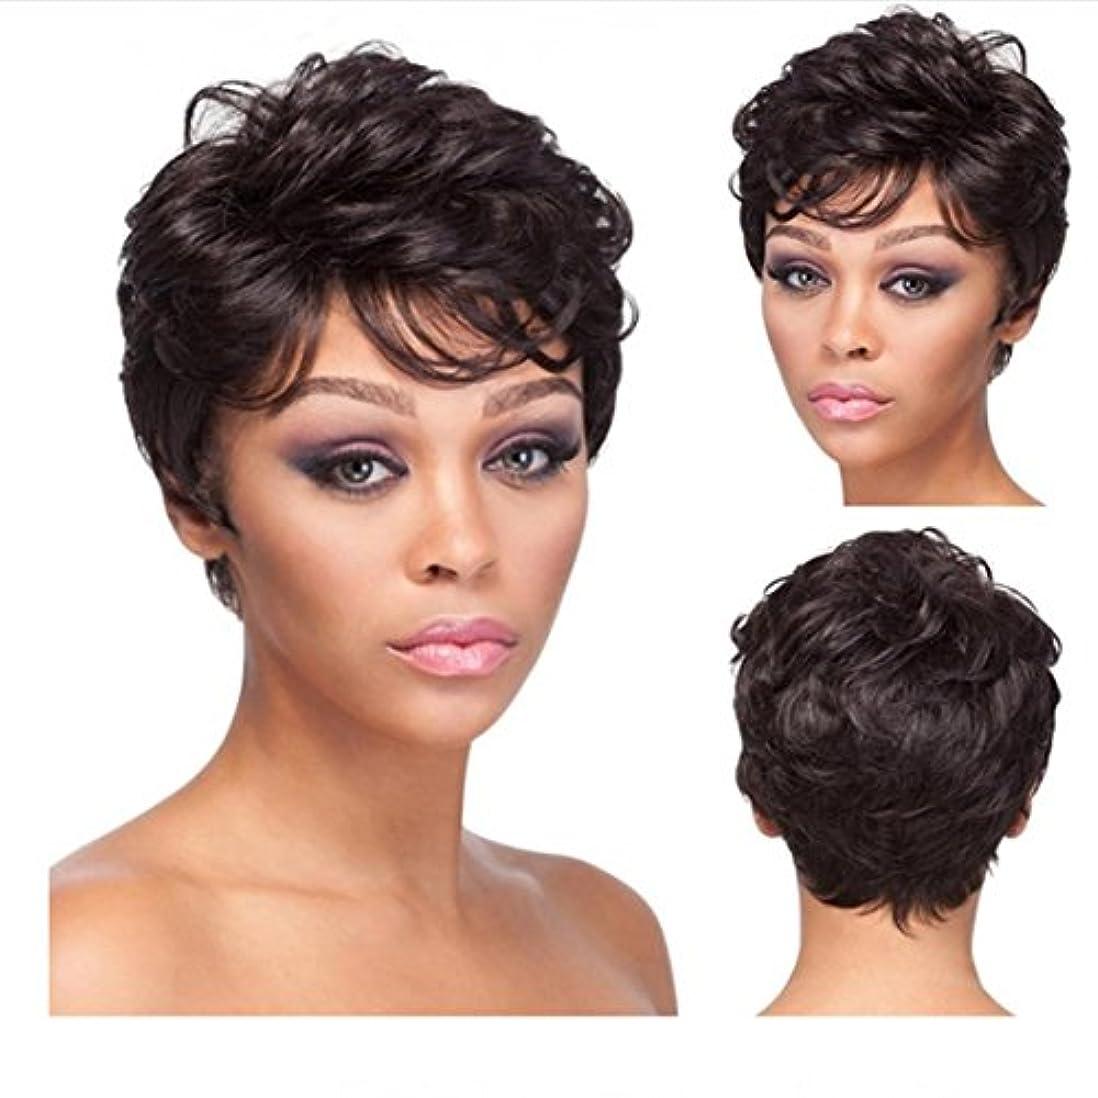 マイク減少見捨てるJIANFU 女性のための現実的なかつら短くふわふわしたマイクロボリュームのウィッグ斜めのバグスとの日常のかつらのための髪の耐熱ウィッグ20cm / 160g(茶色の黒) (Color : Brownish black)